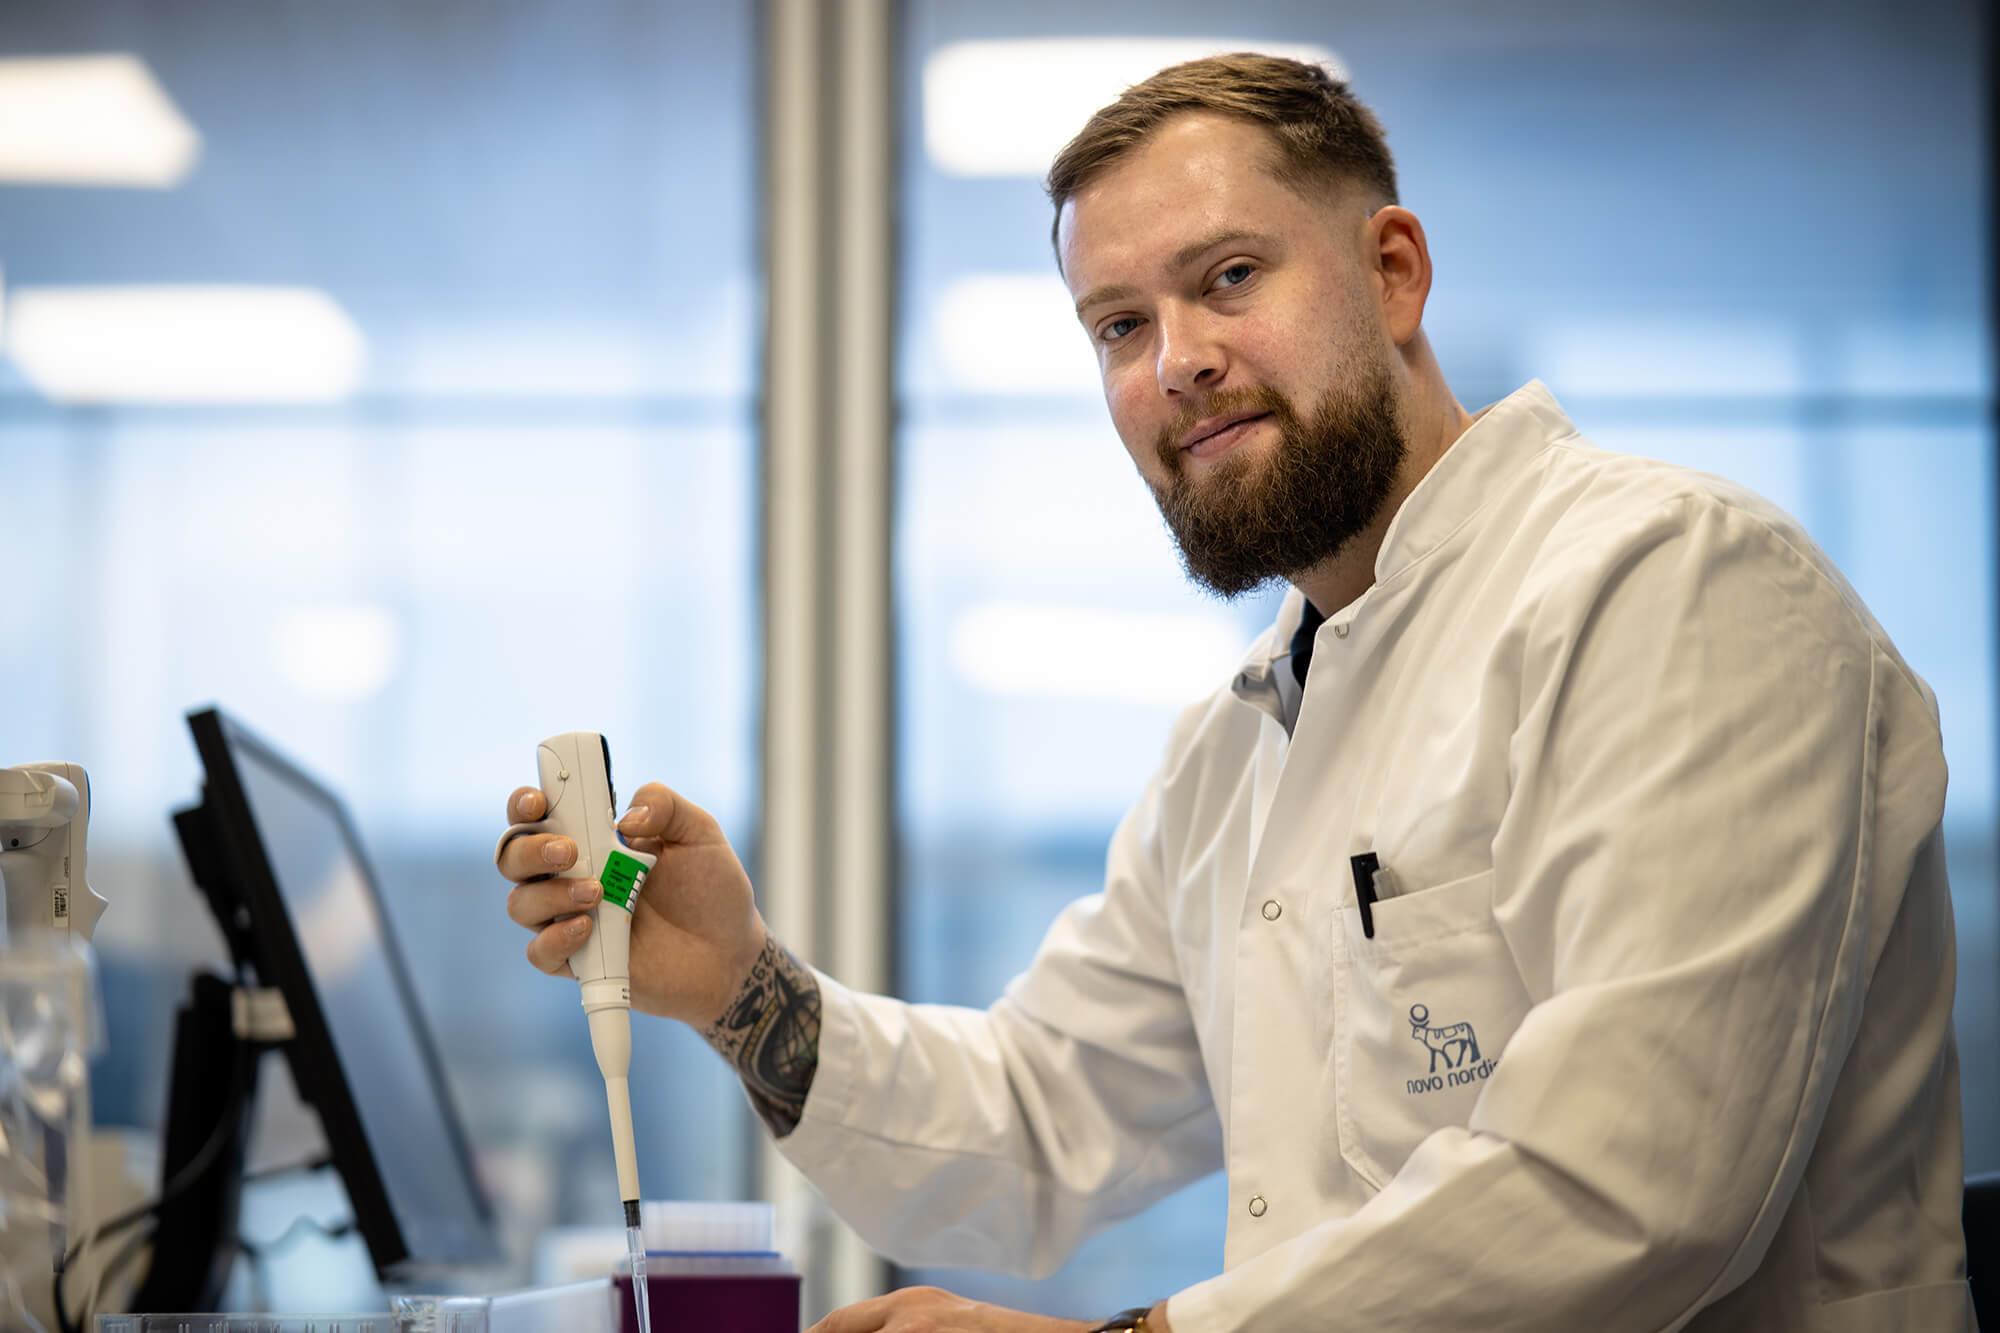 Mand med kittel arbejder i laboratorium